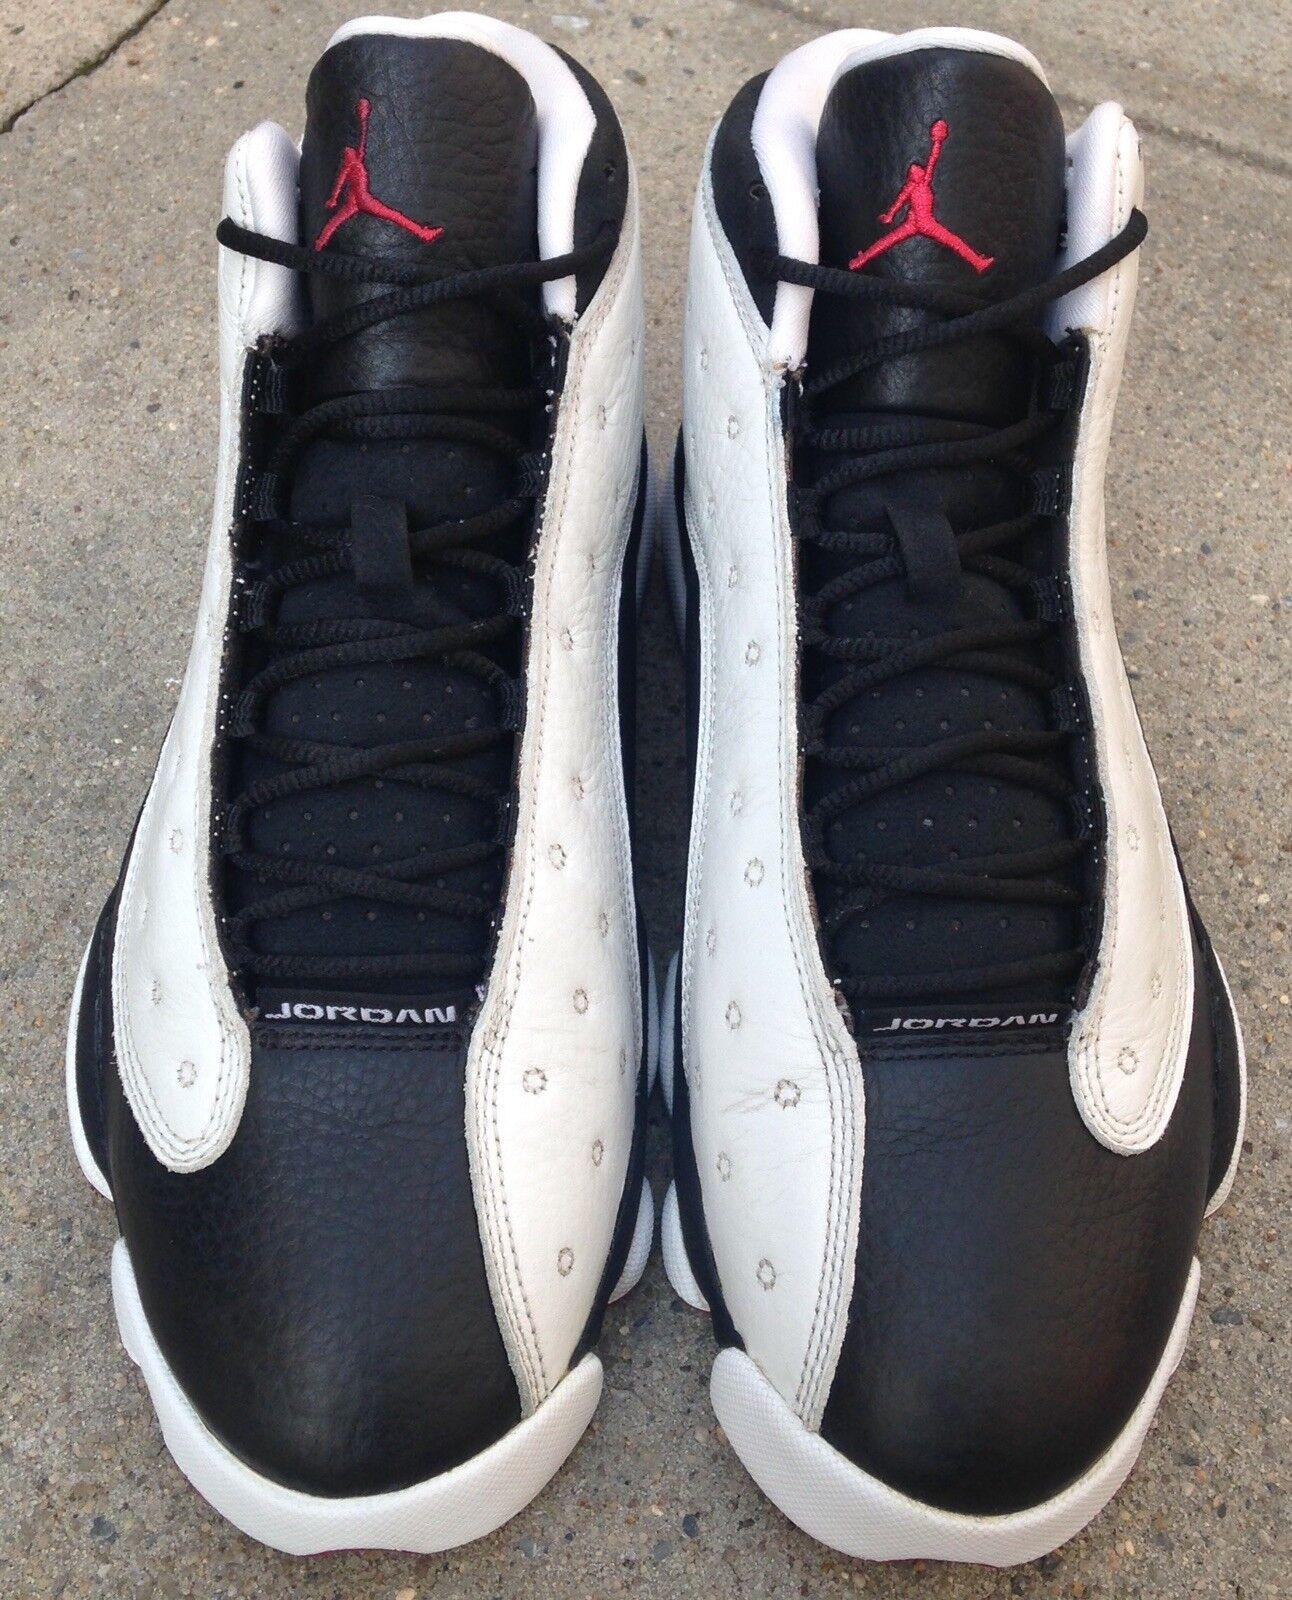 Nike Air Jordan 13 xiii 2013